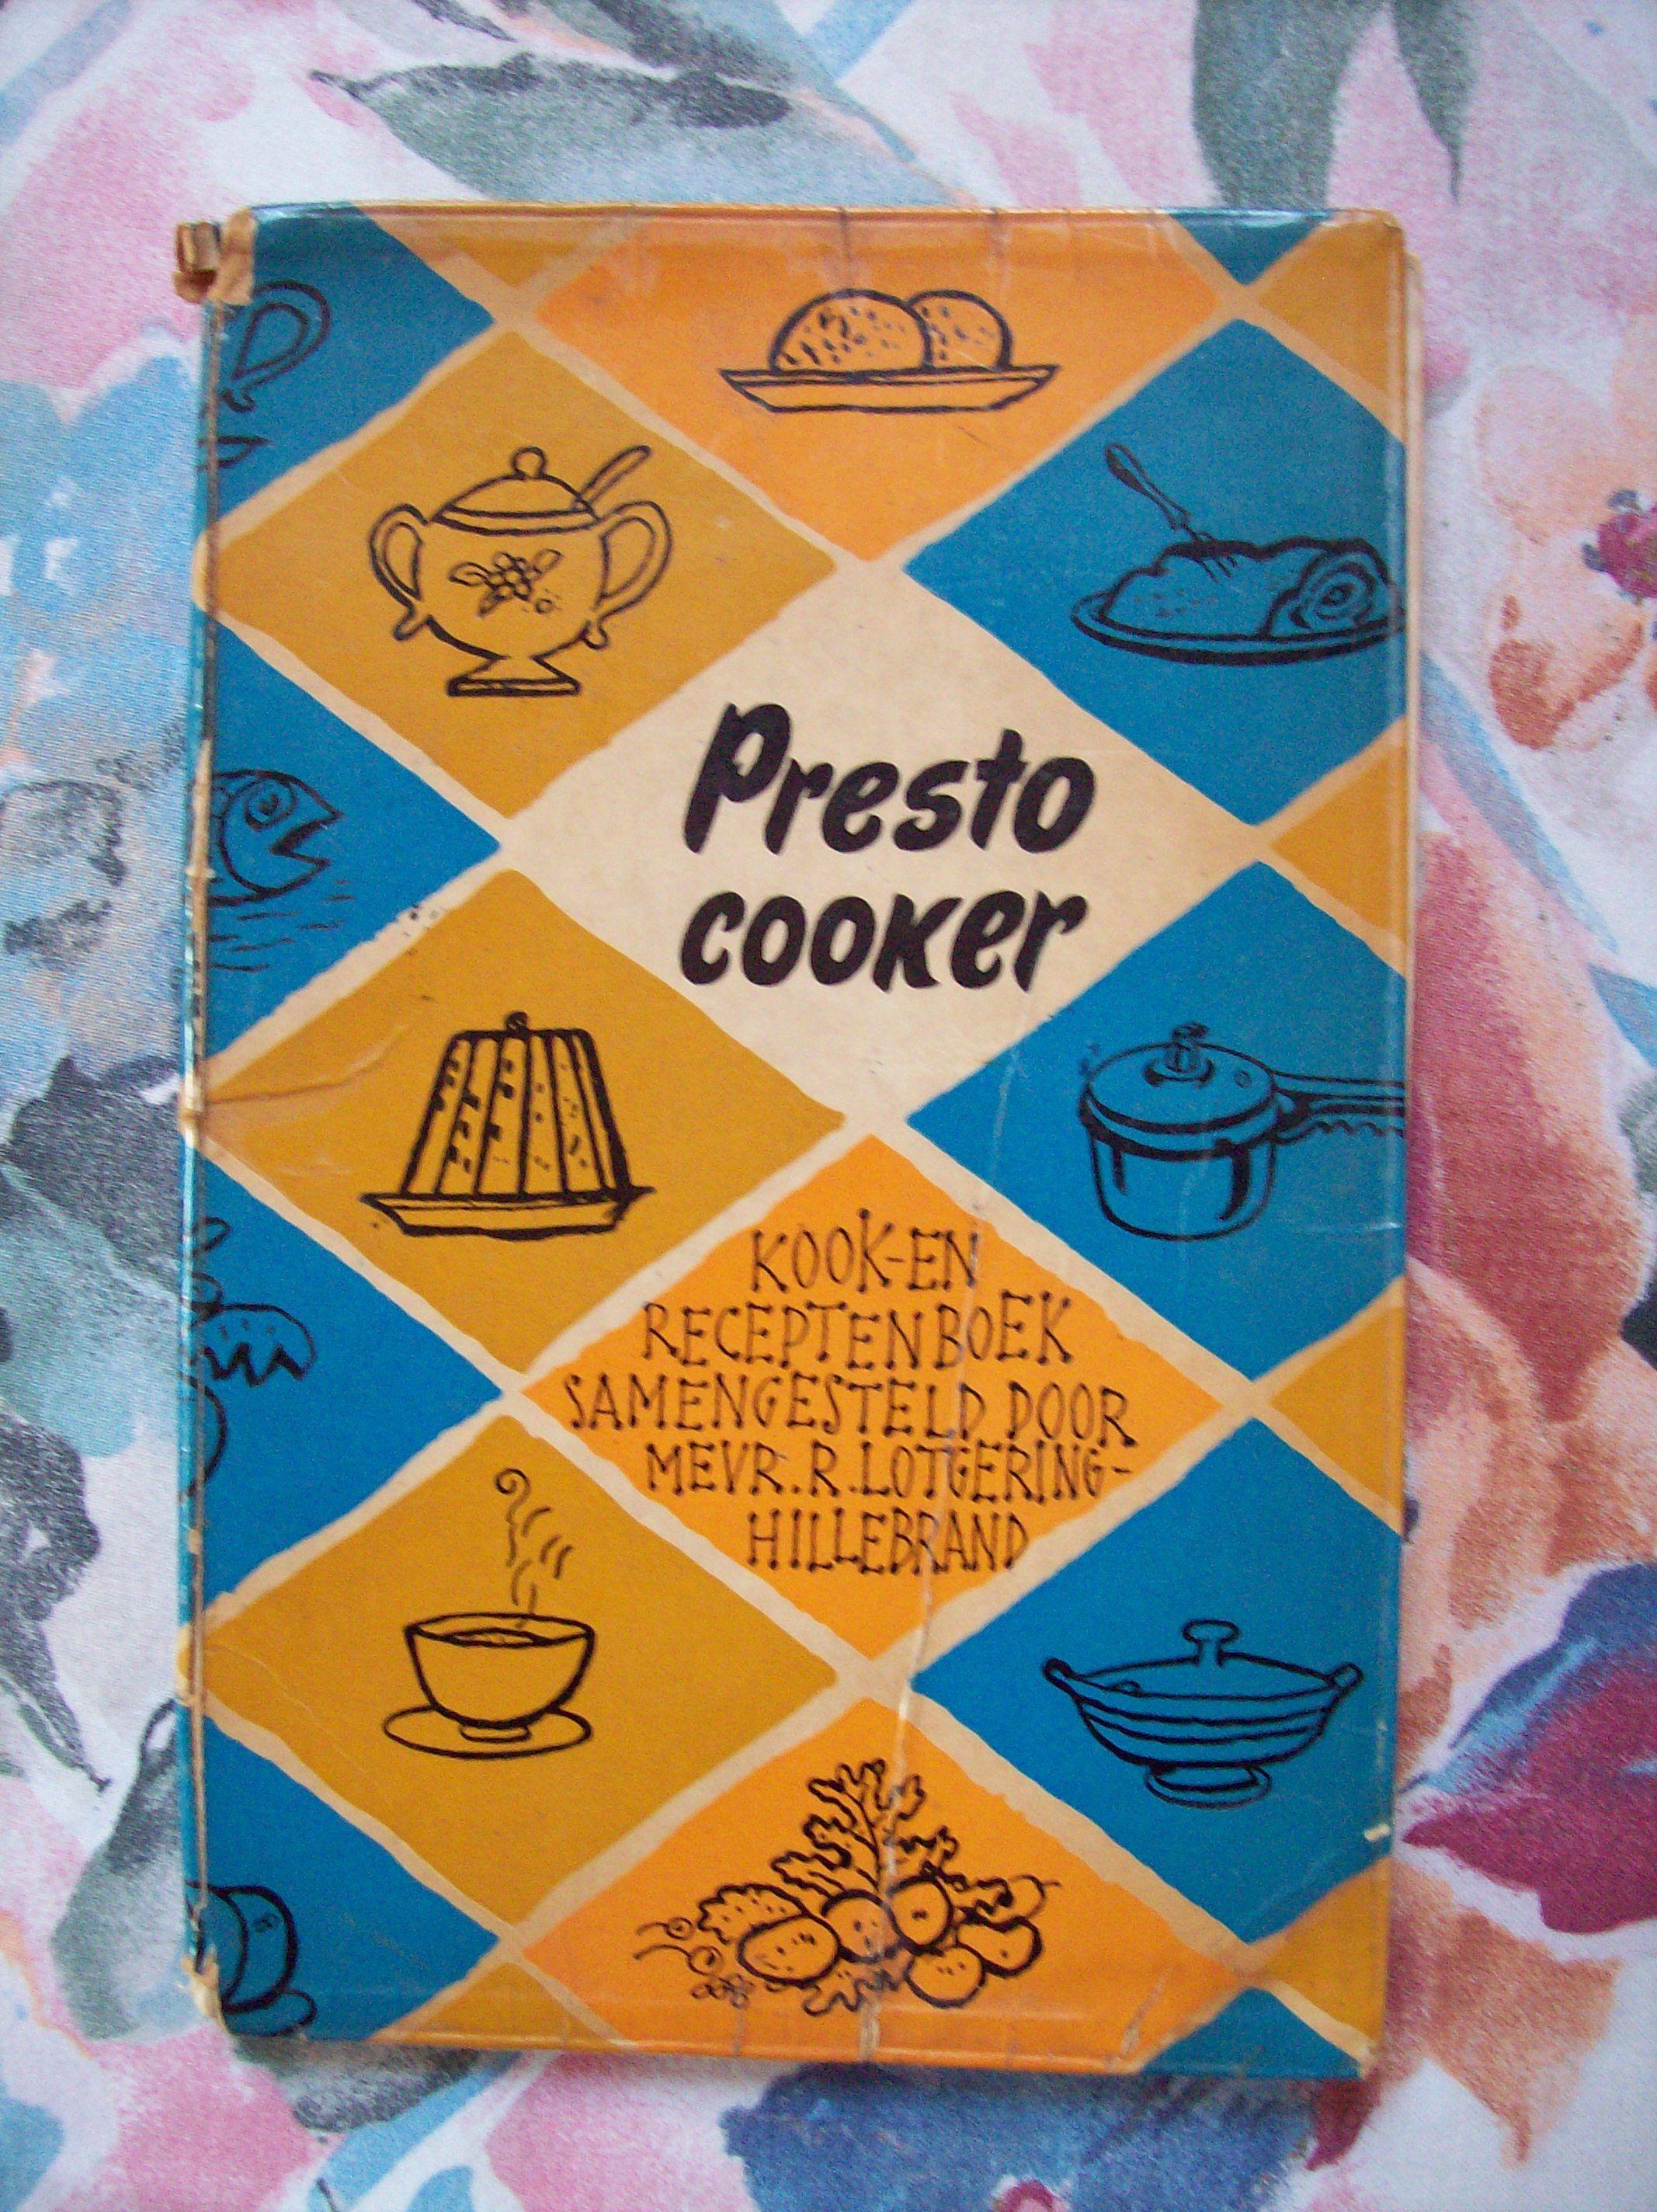 Het oude kookboekje van de snelkookpan plm 1959